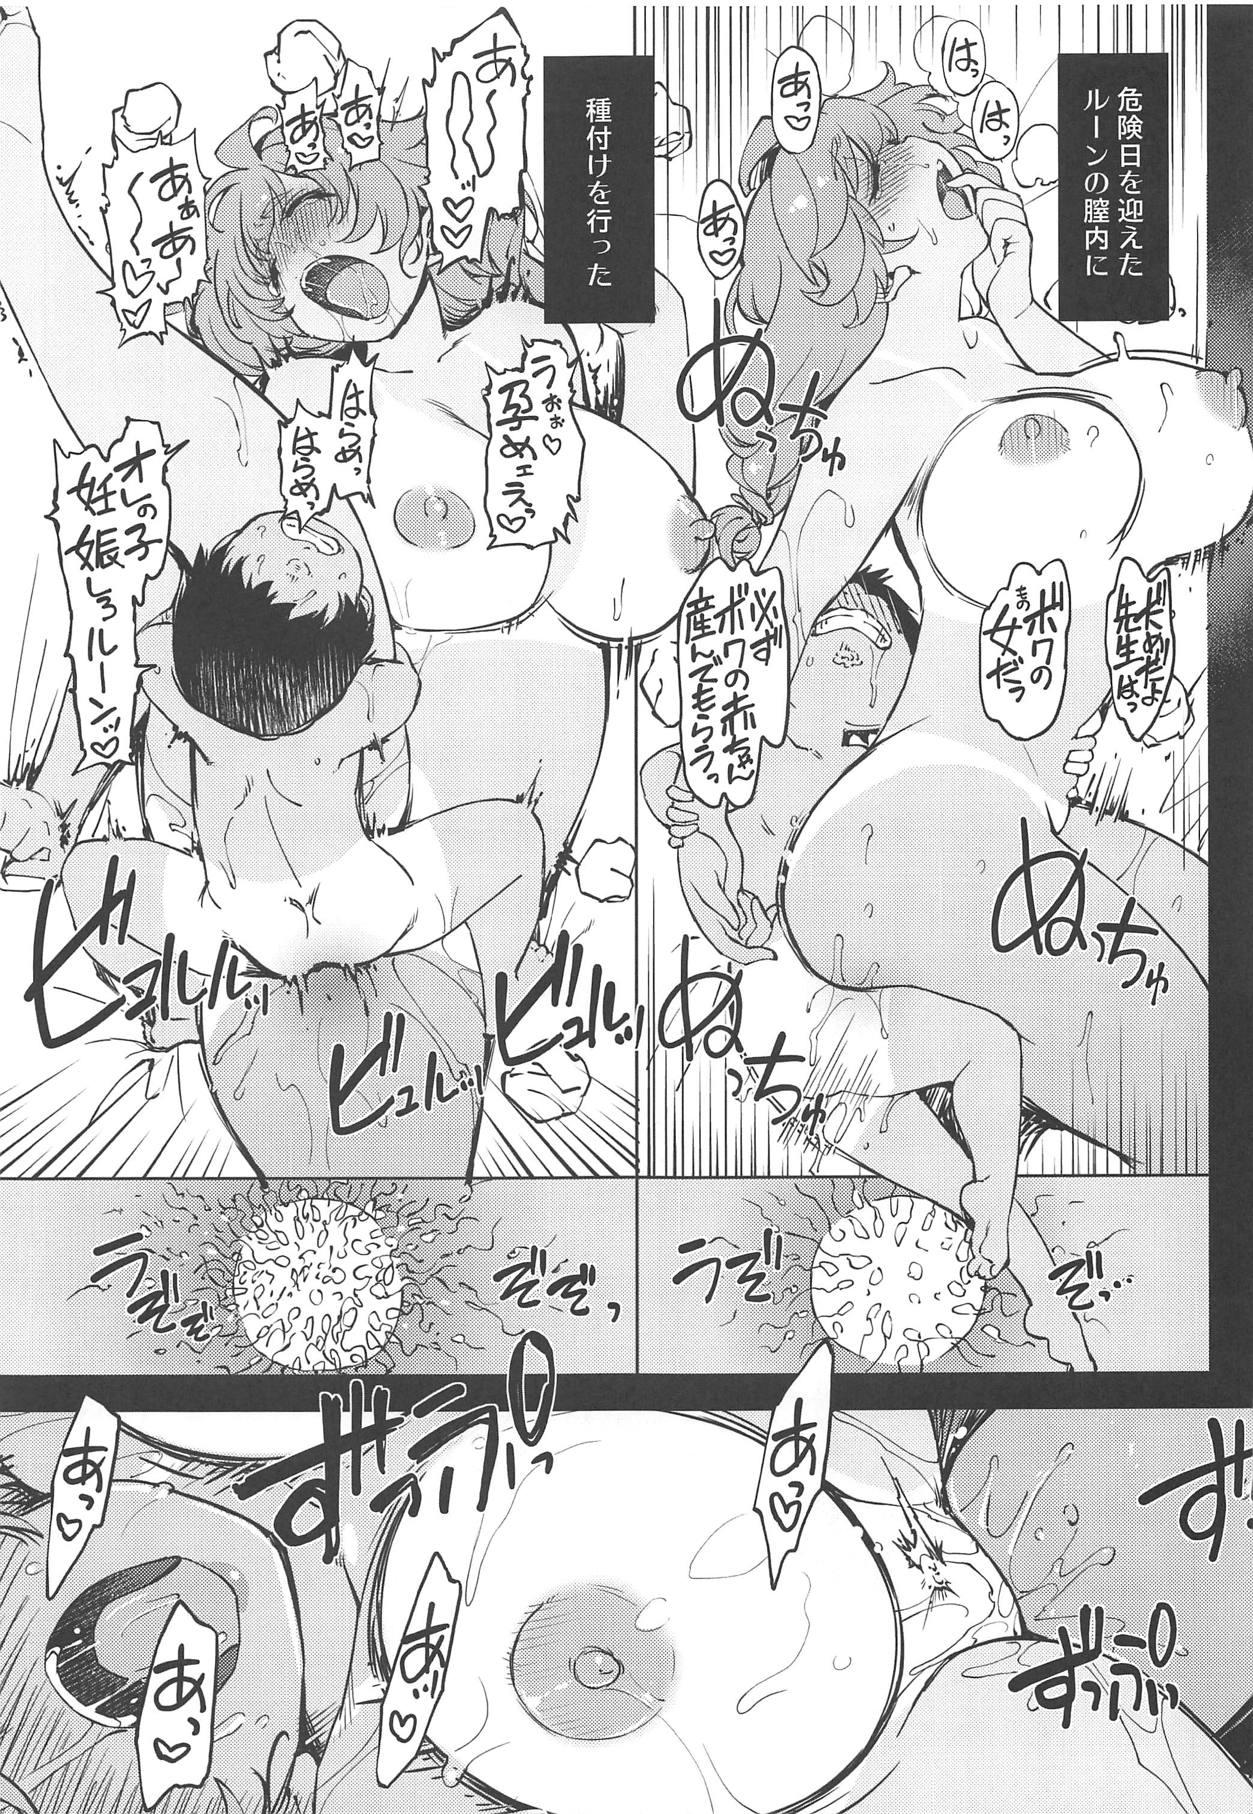 【エロ漫画】悲報:俺の子供はクソガキたちに睡姦されて孕まされた子供だった模様・・・